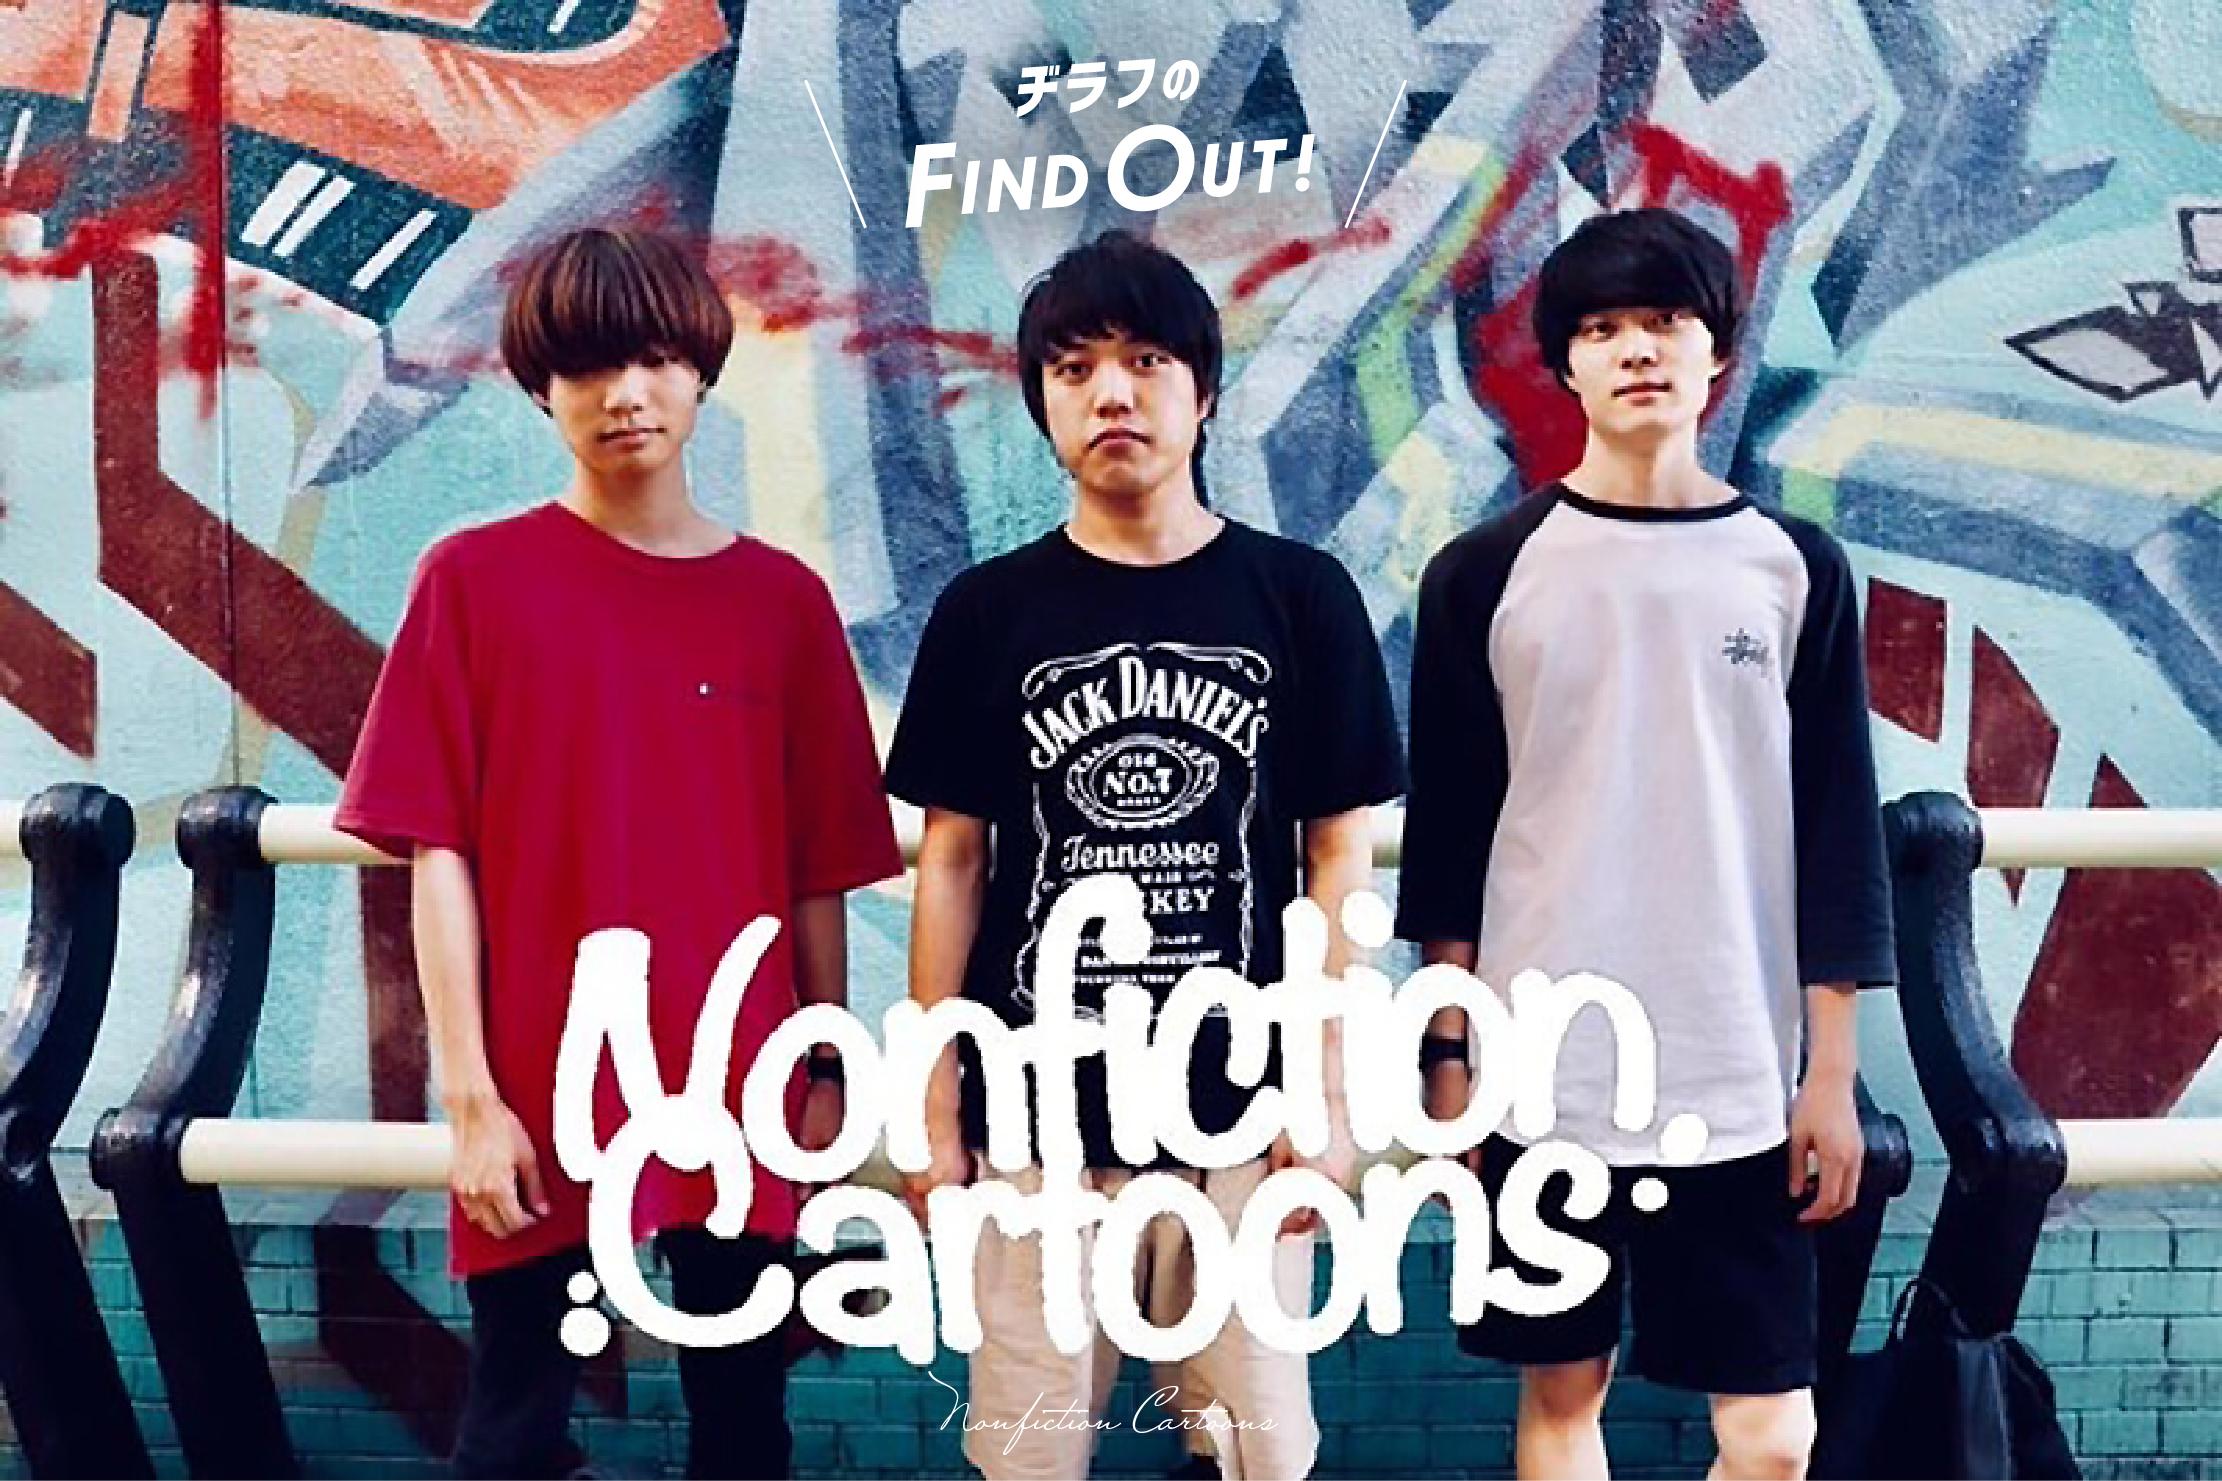 「【Nonfiction Cartoons】日常と音楽に真っ直ぐ向き合う、メロディックチャレンジパンク3ピースバンド」のアイキャッチ画像